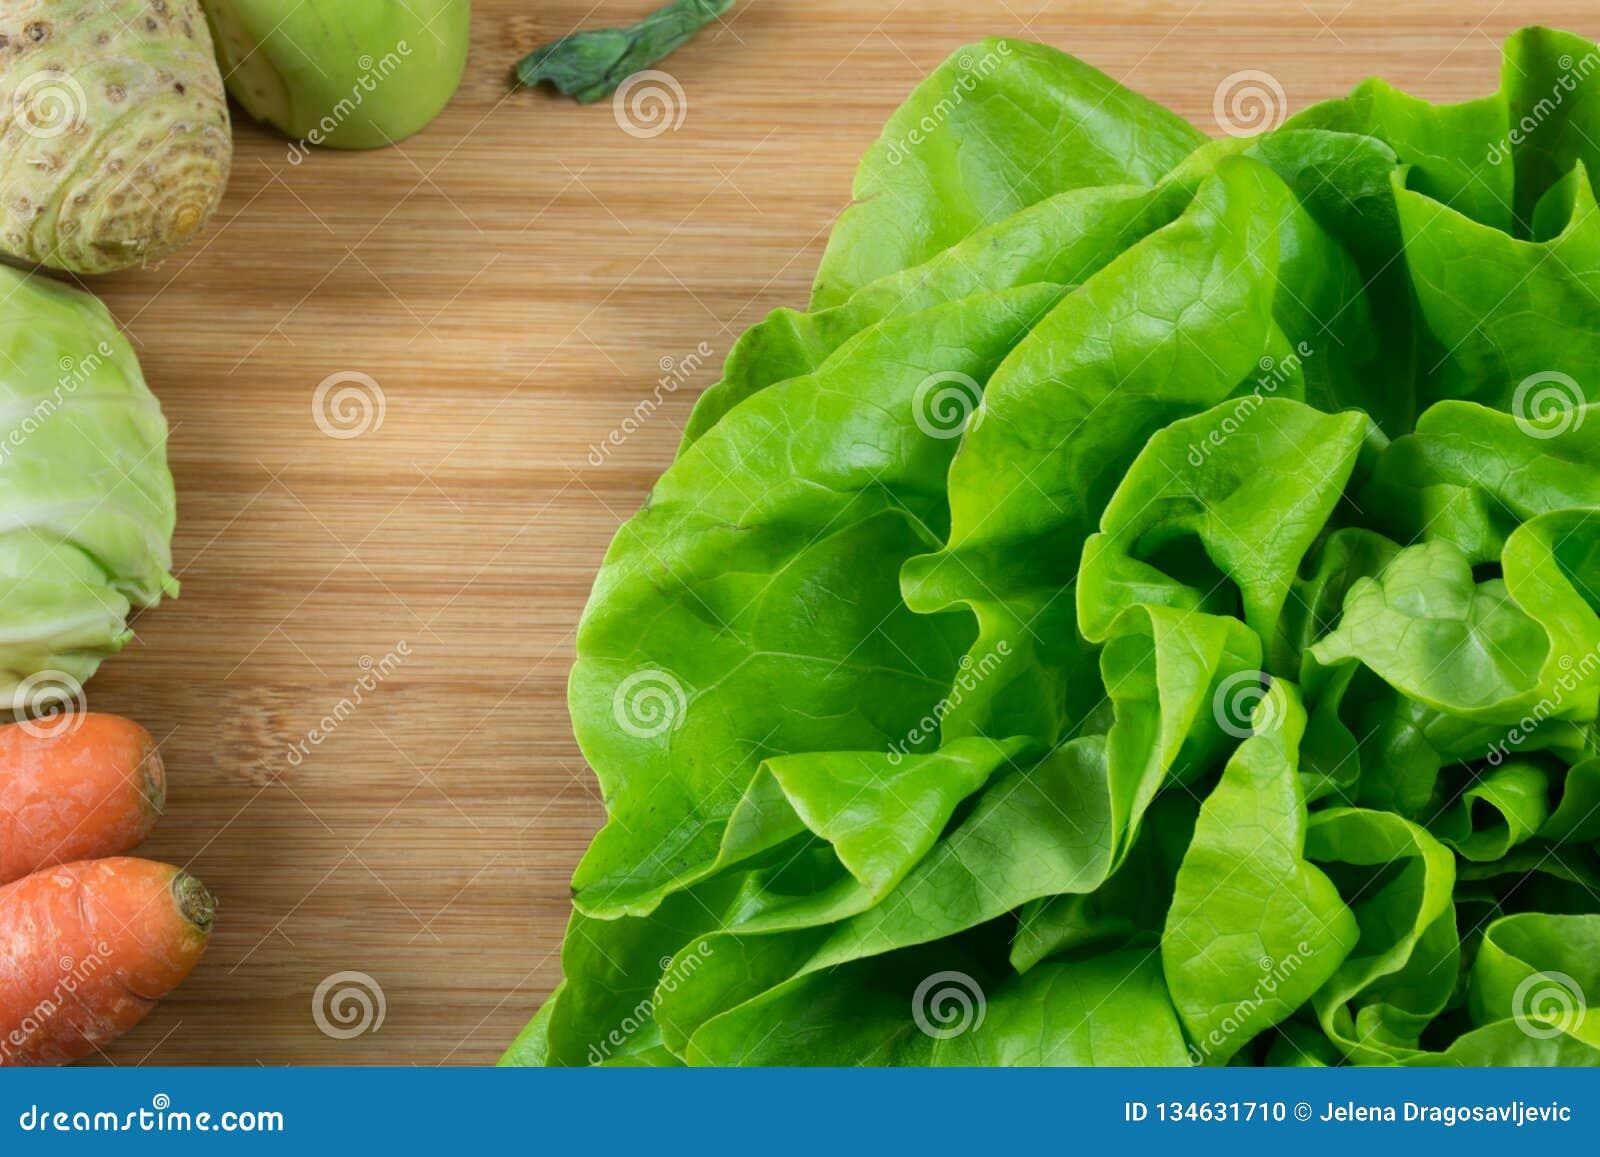 Laitue verte fraîche sur le panneau de morue et légumes frais, carotte, chou, céleri et chou-rave du côté